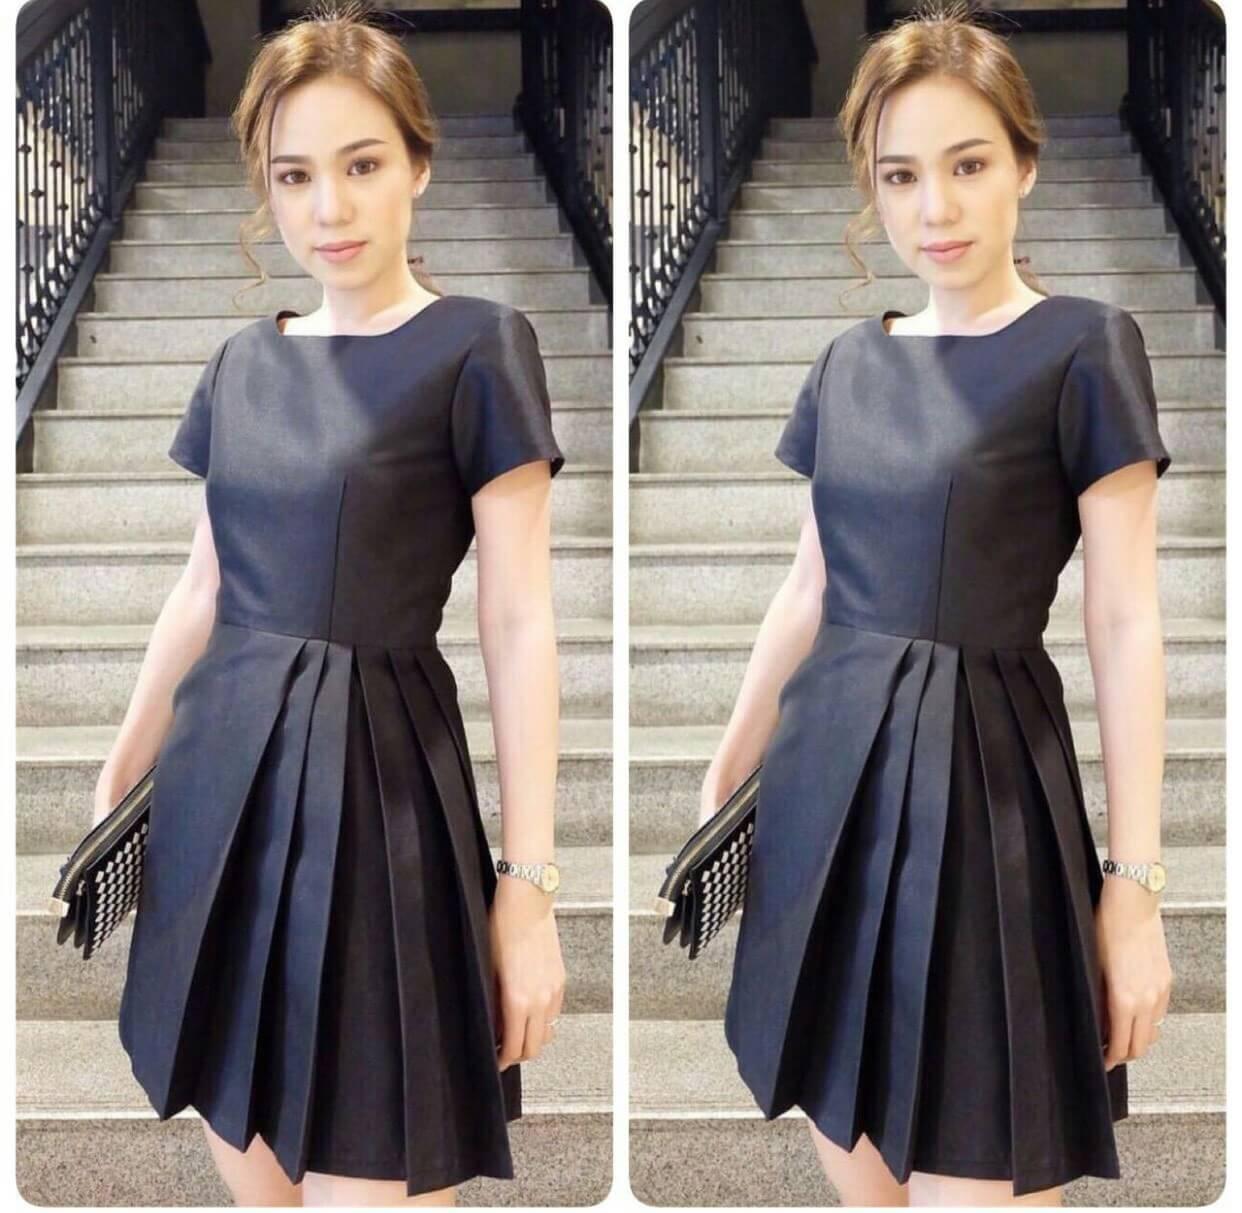 Dress คอกลมแขนสั้น ช่วงกระโปรงจับจีบข้าง